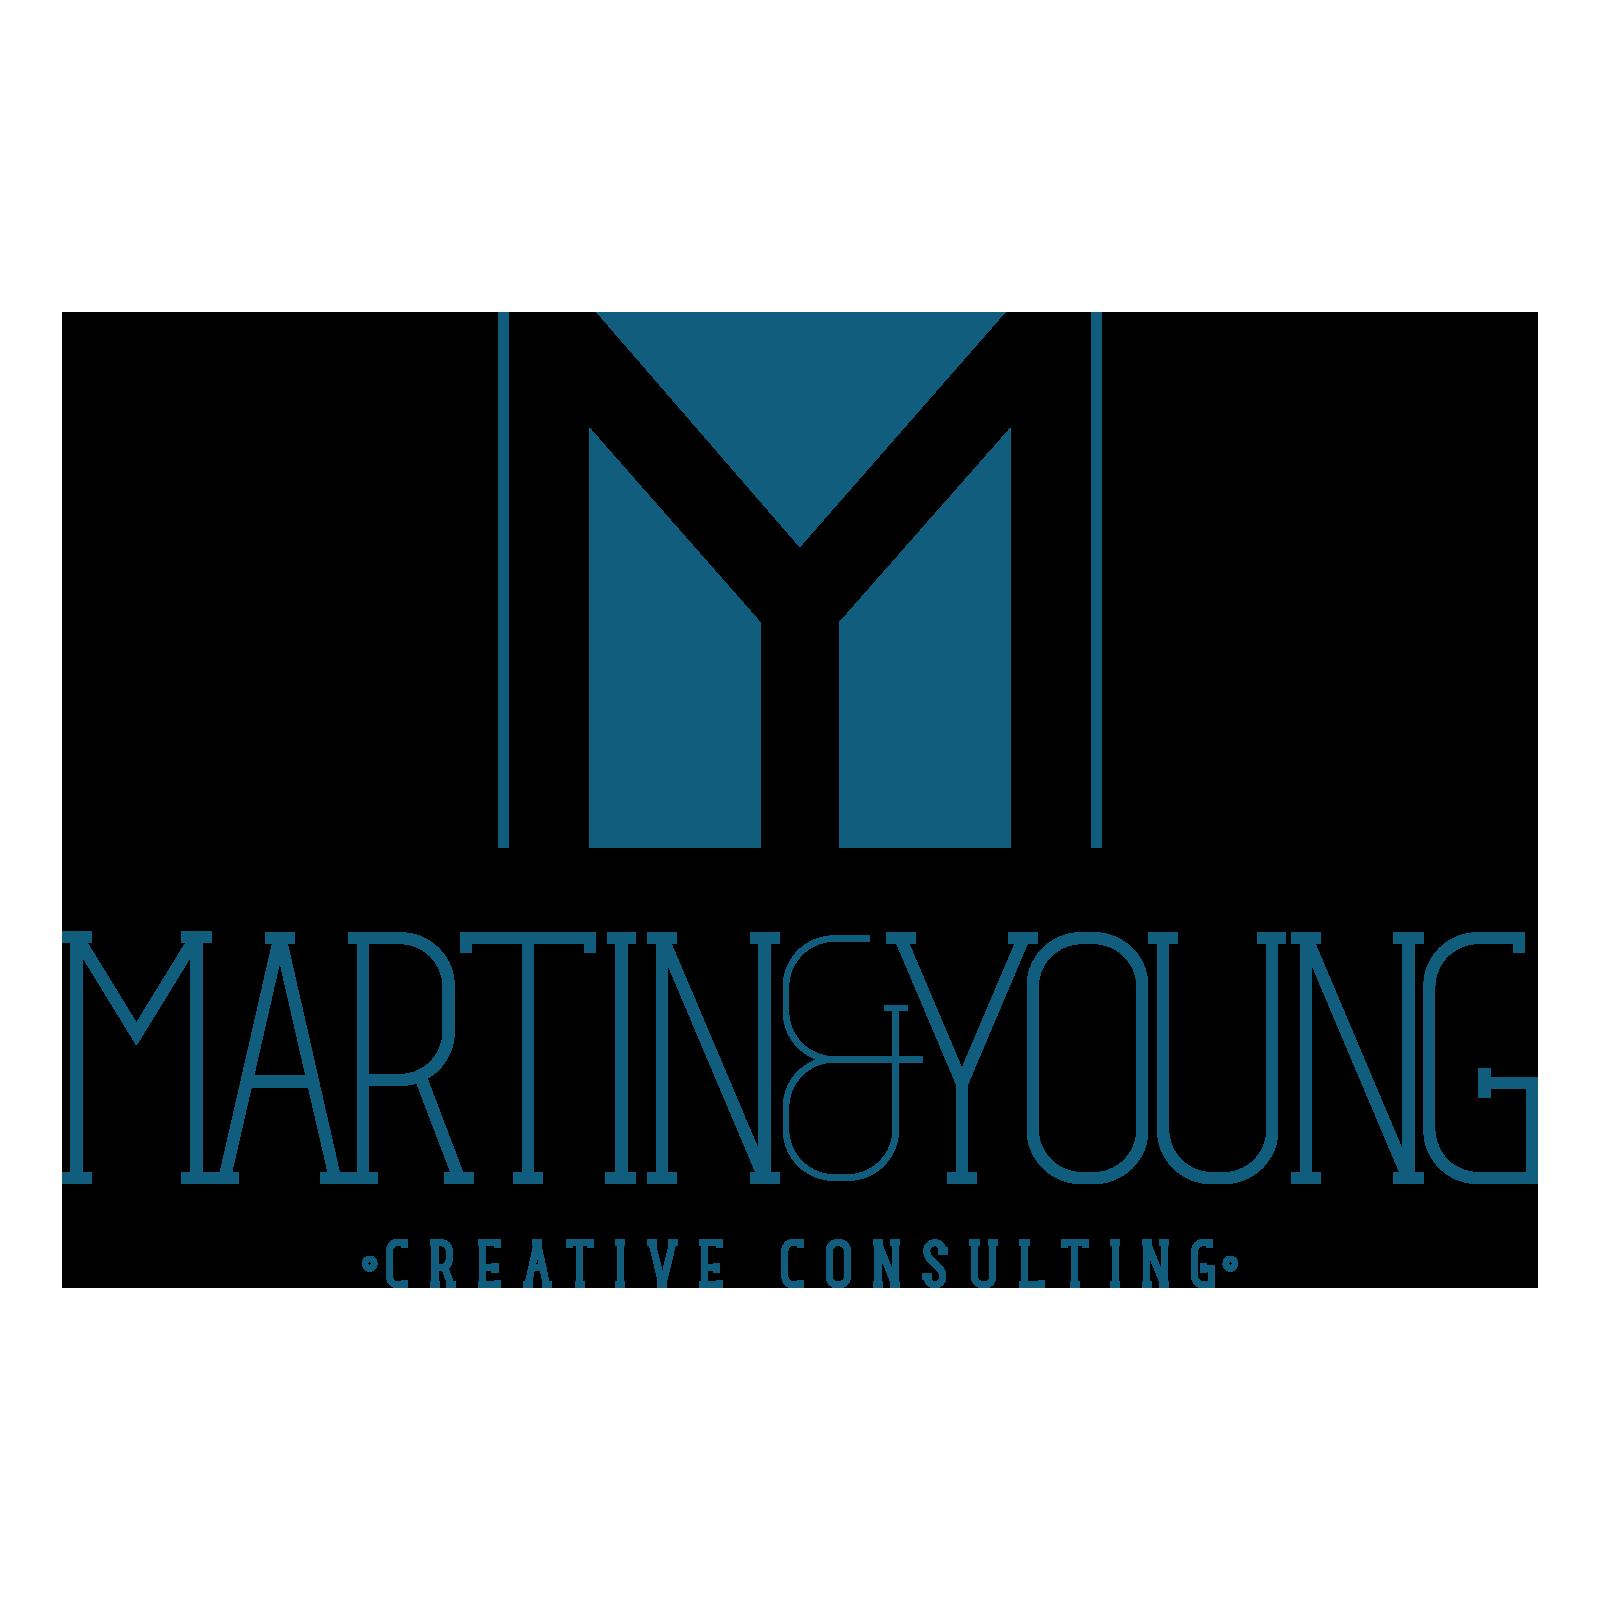 Martin-Young科技公司